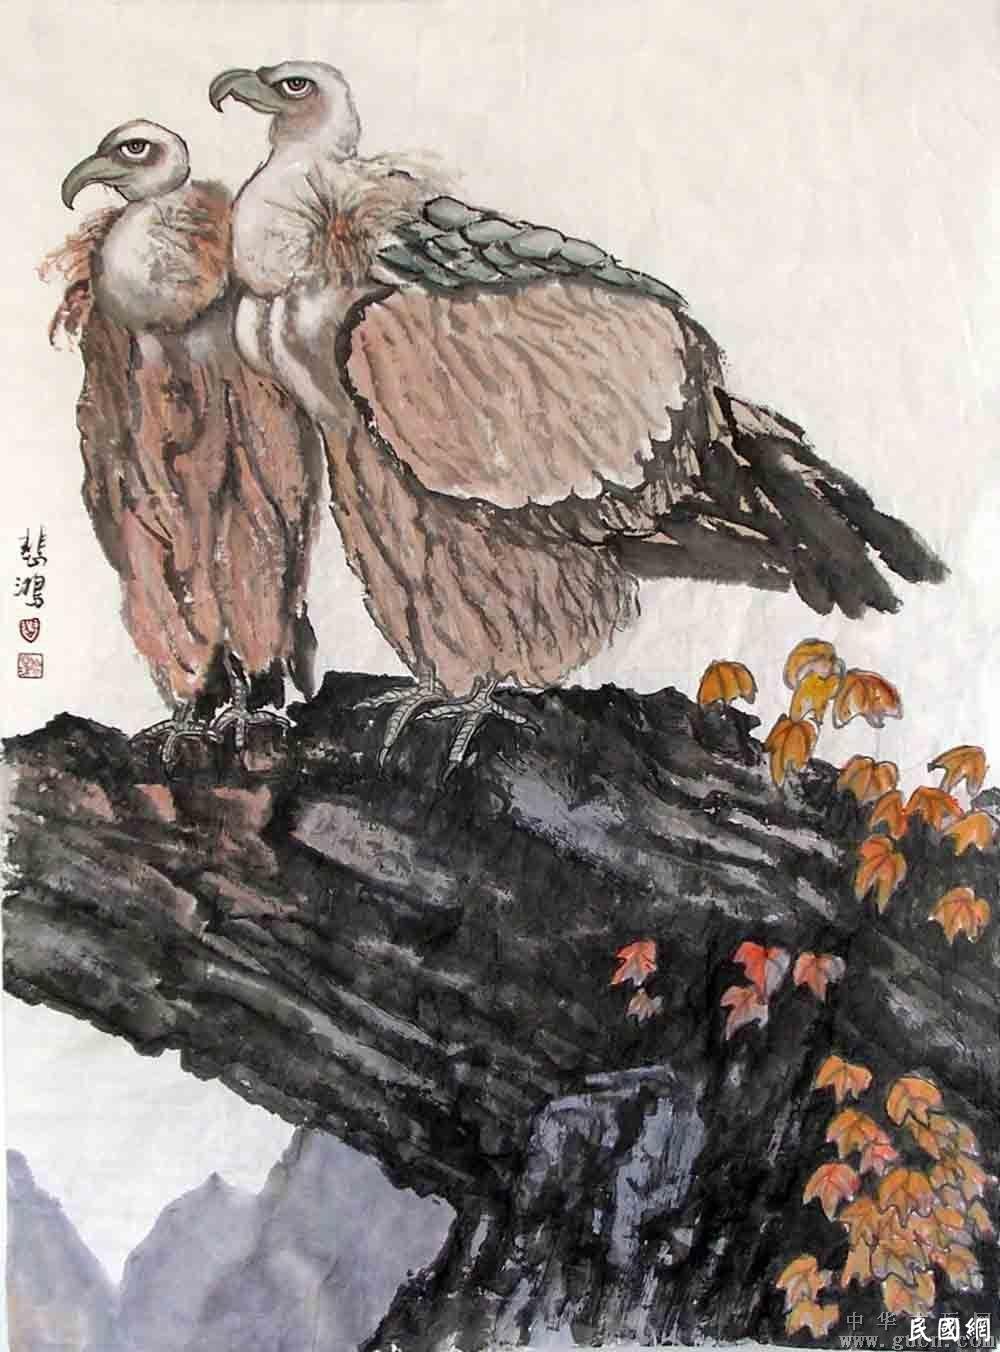 读书札记:徐悲鸿之所以成为一个伟大画家,决不是偶然的